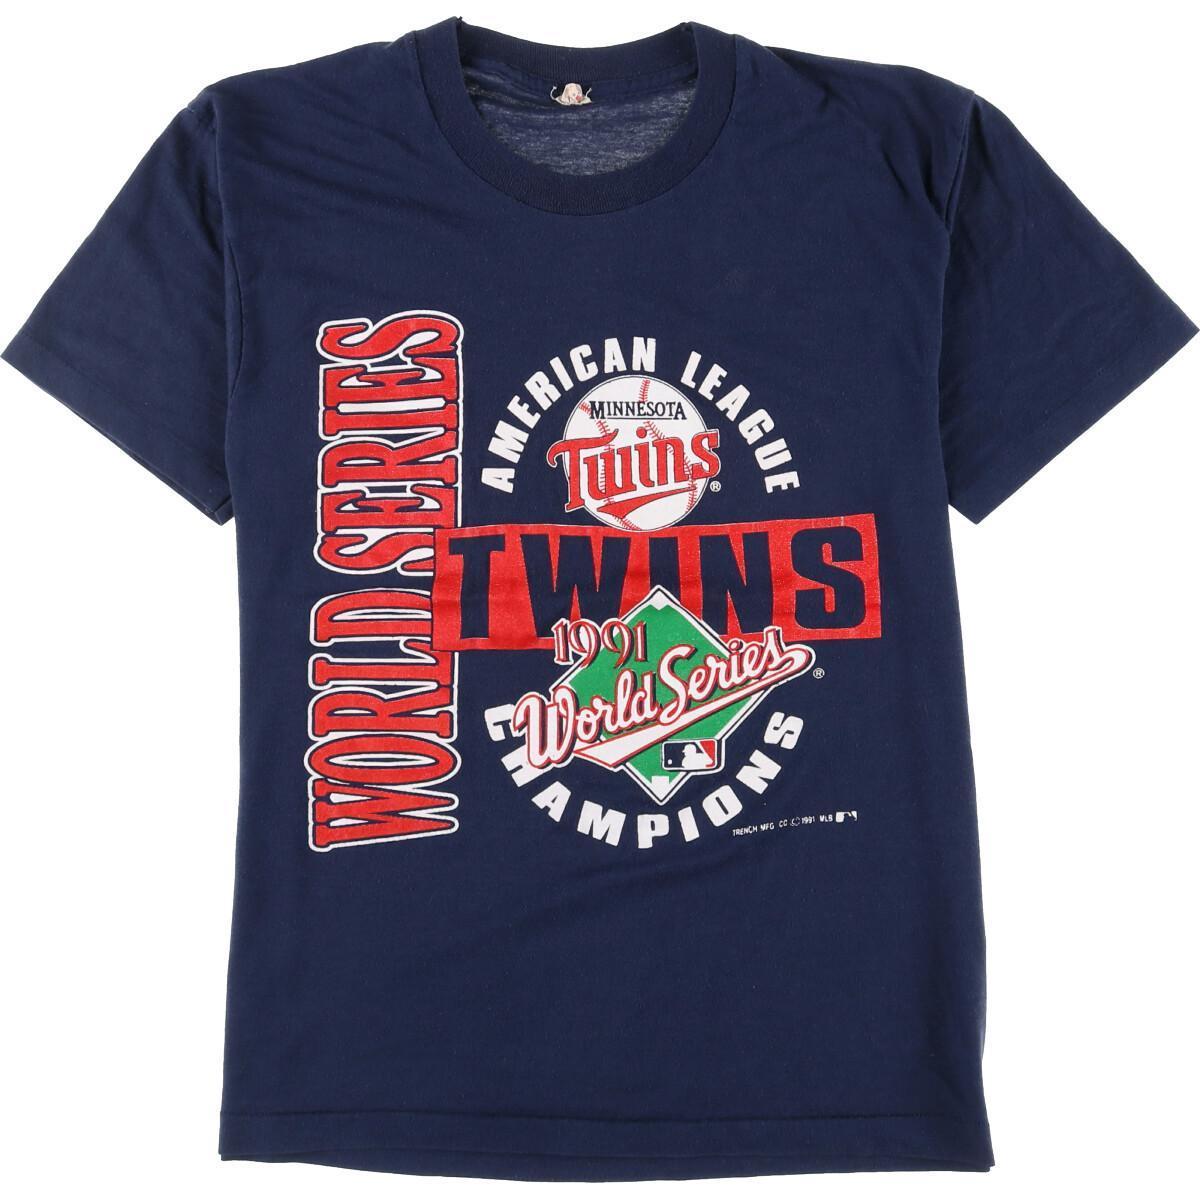 90年代 スクリーンスターズ SCREEN STARS MLB MINNESOTA TWINS ミネソタツインズ 価格交渉OK送料無料 中古 210522 ヴィンテージ 流行のアイテム メンズS スポーツプリントTシャツ eaa162561 USA製